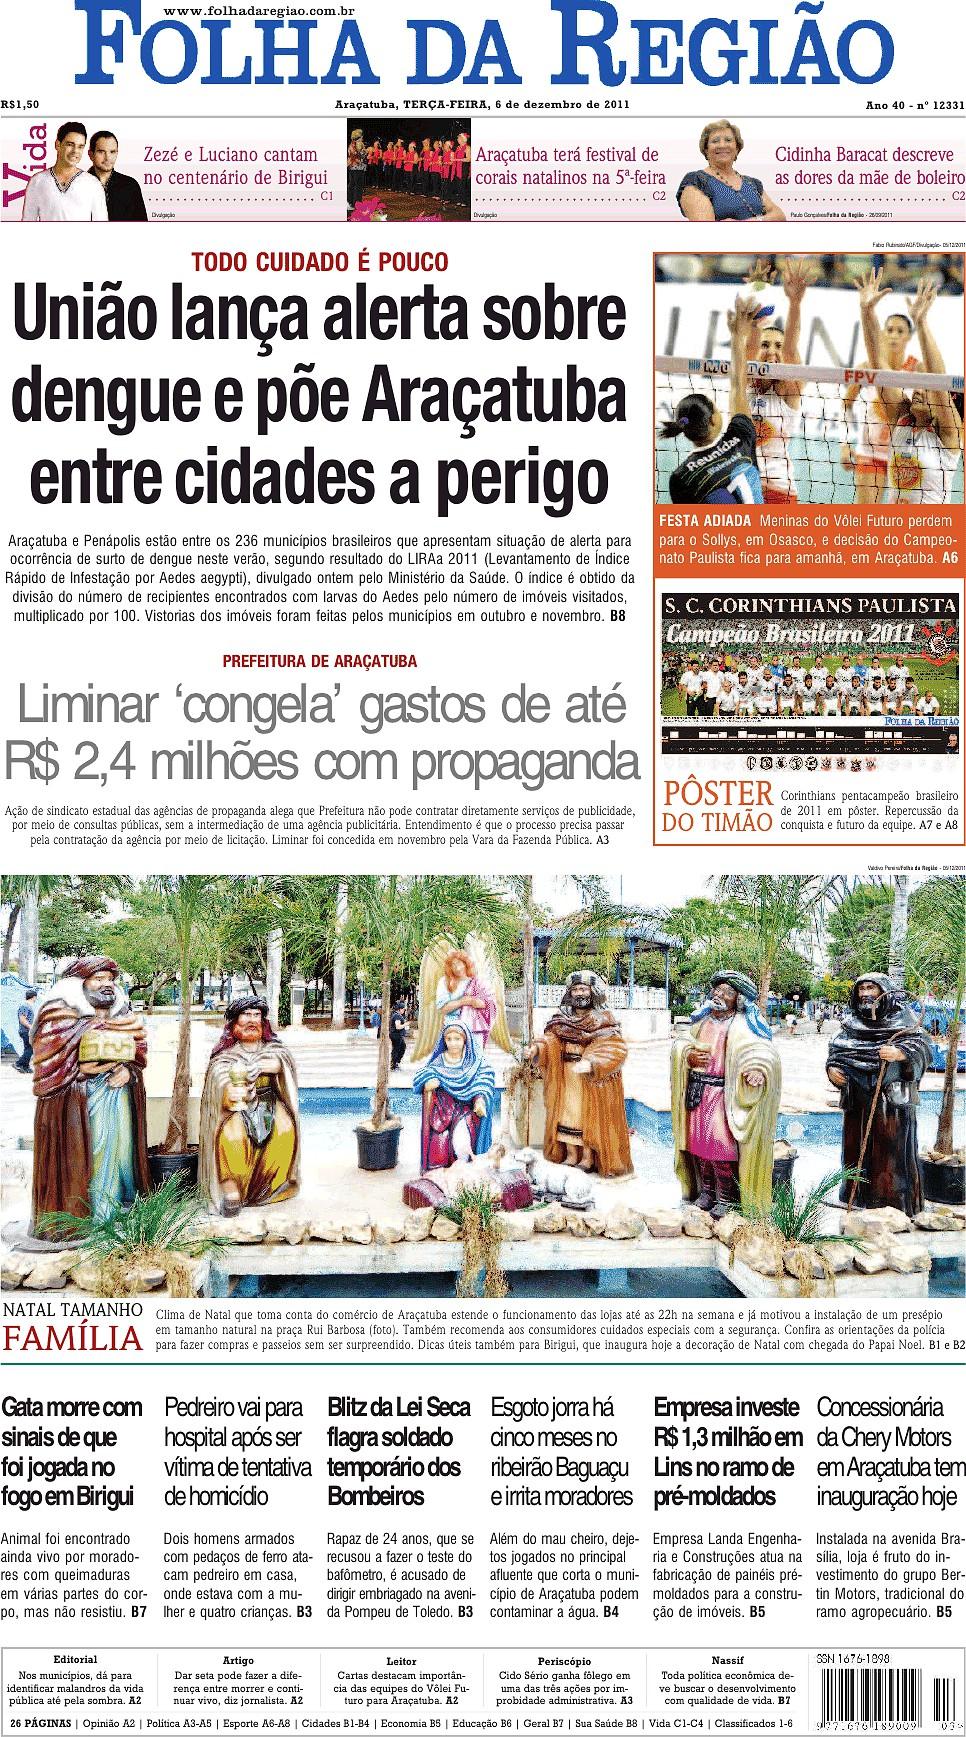 Folha da Região (6 dez 2011) - Jornais e Revistas - SAPO 24 9475118012